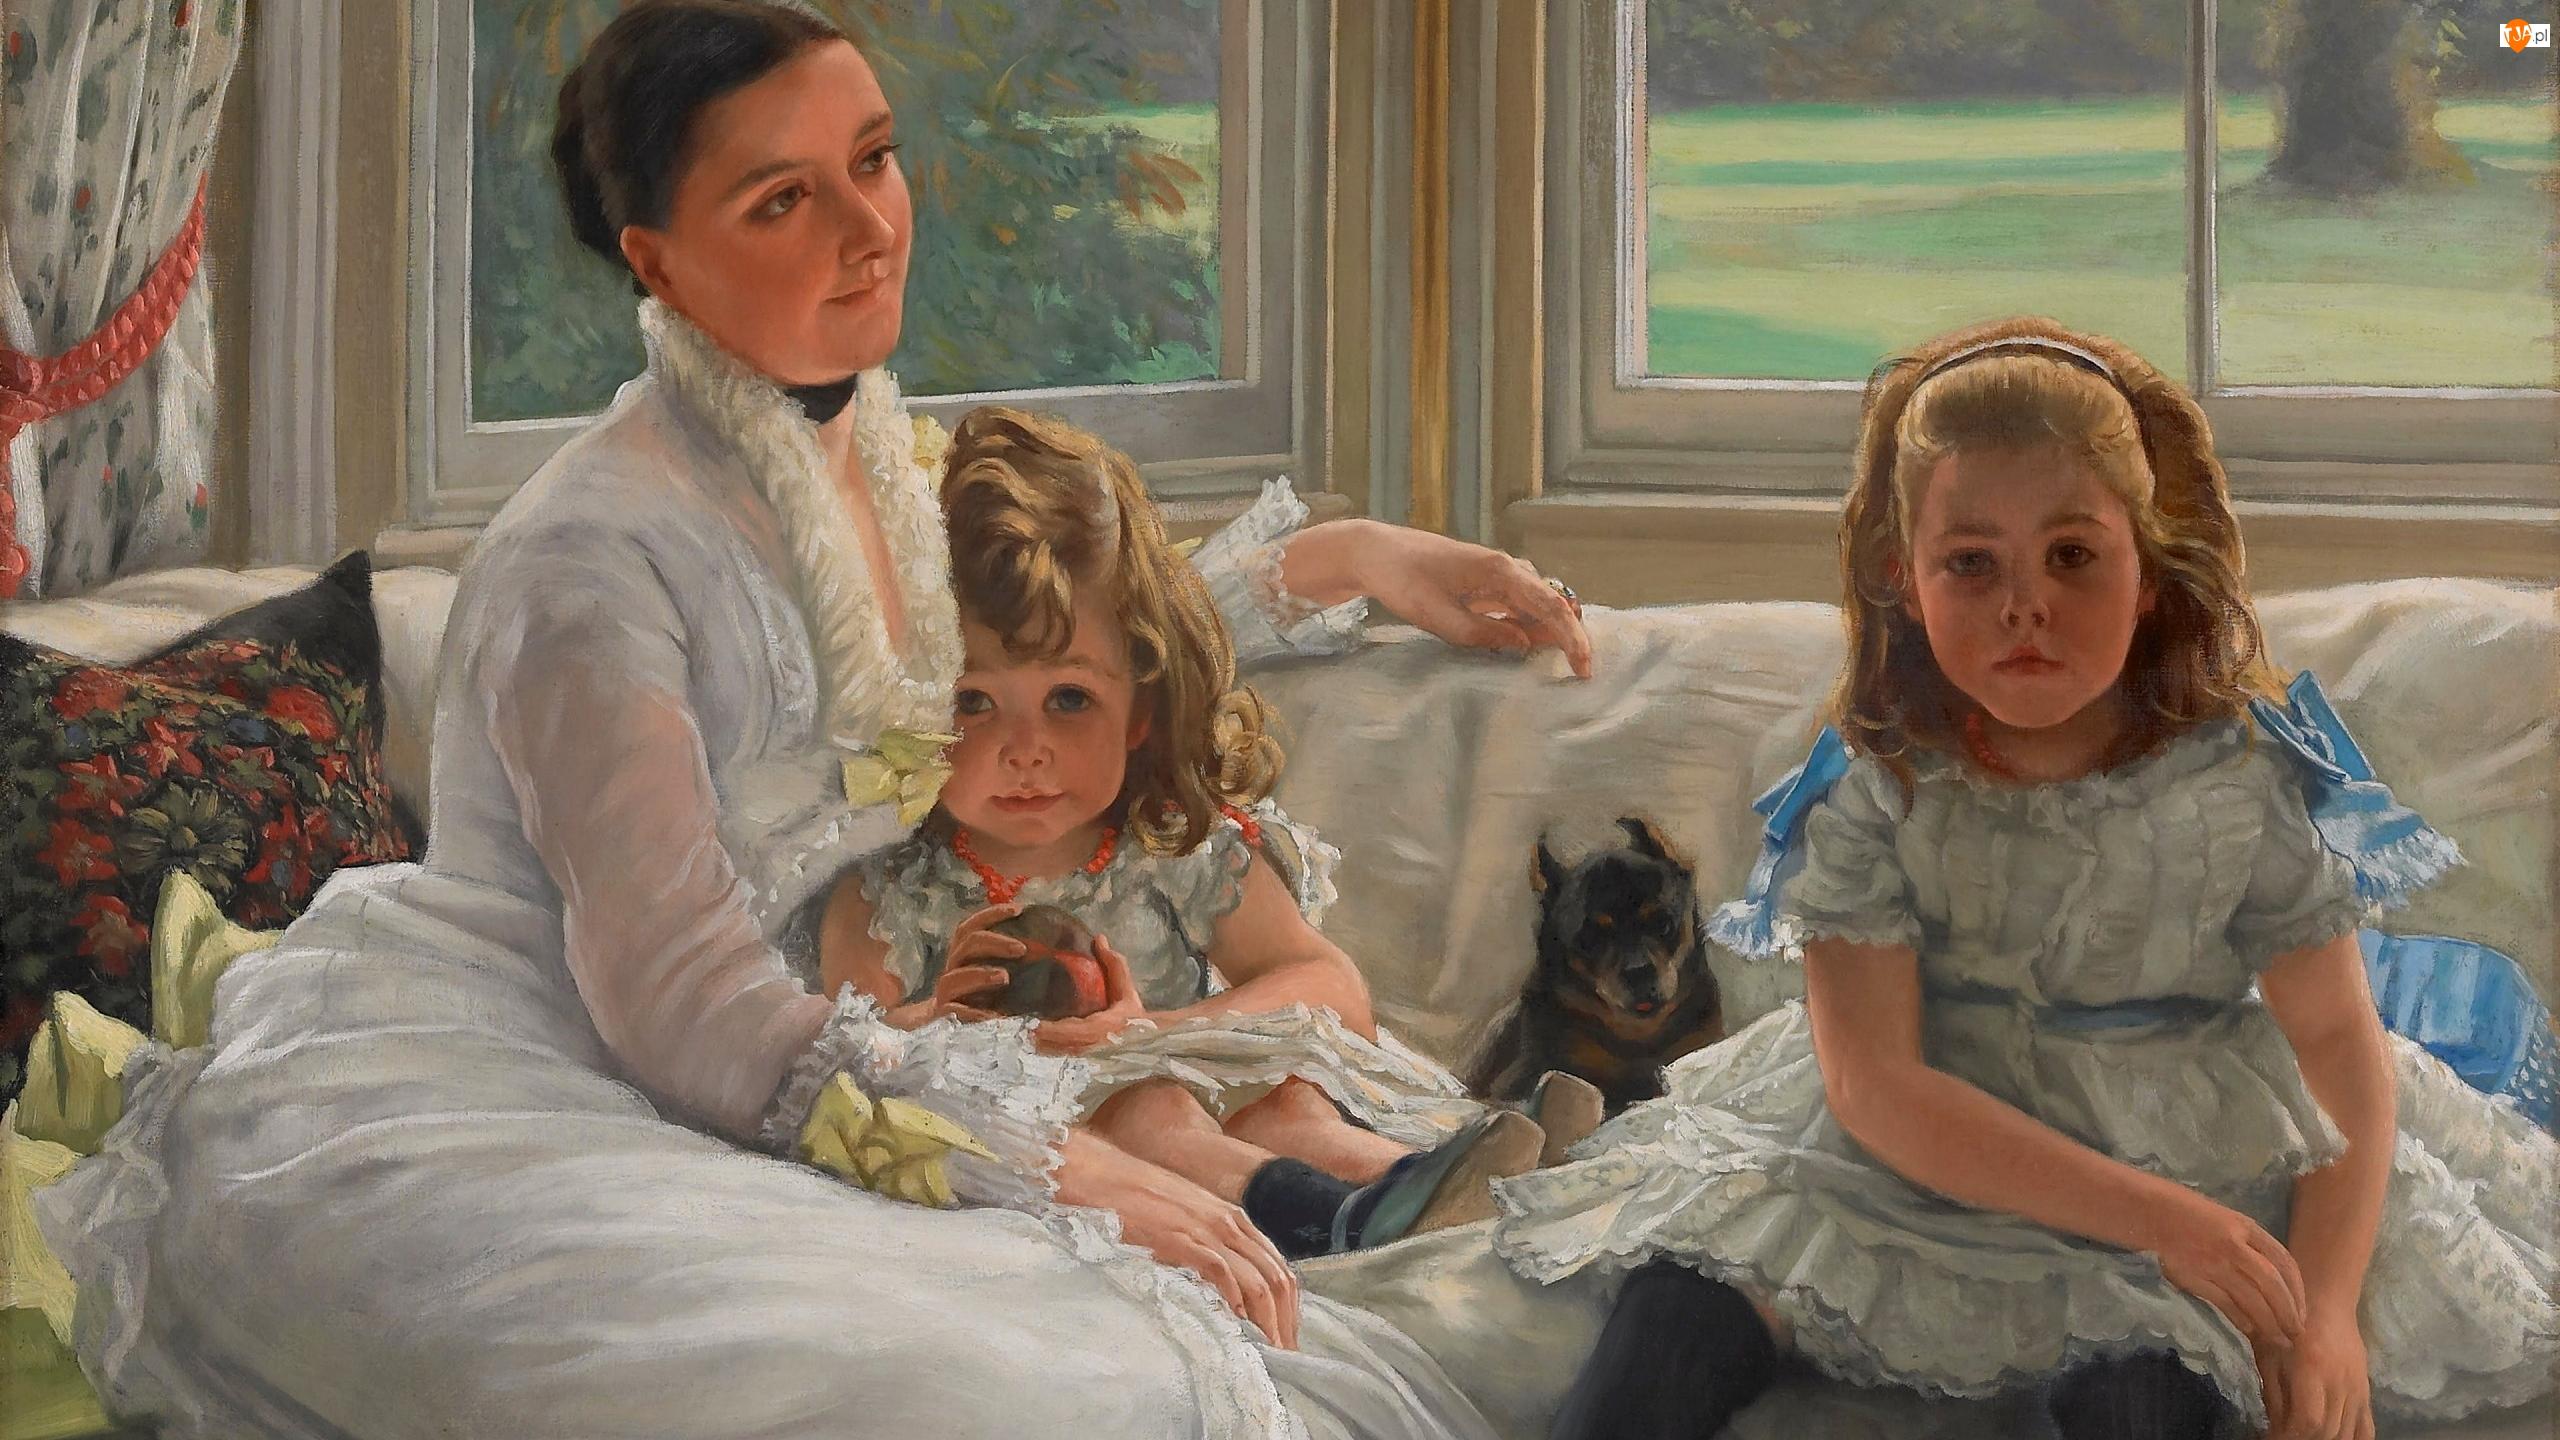 Okno, Dziewczynki, Pies, Dwie, Obraz, Malarstwo, Kobieta, James Tissot, Dzieci, Kanapa